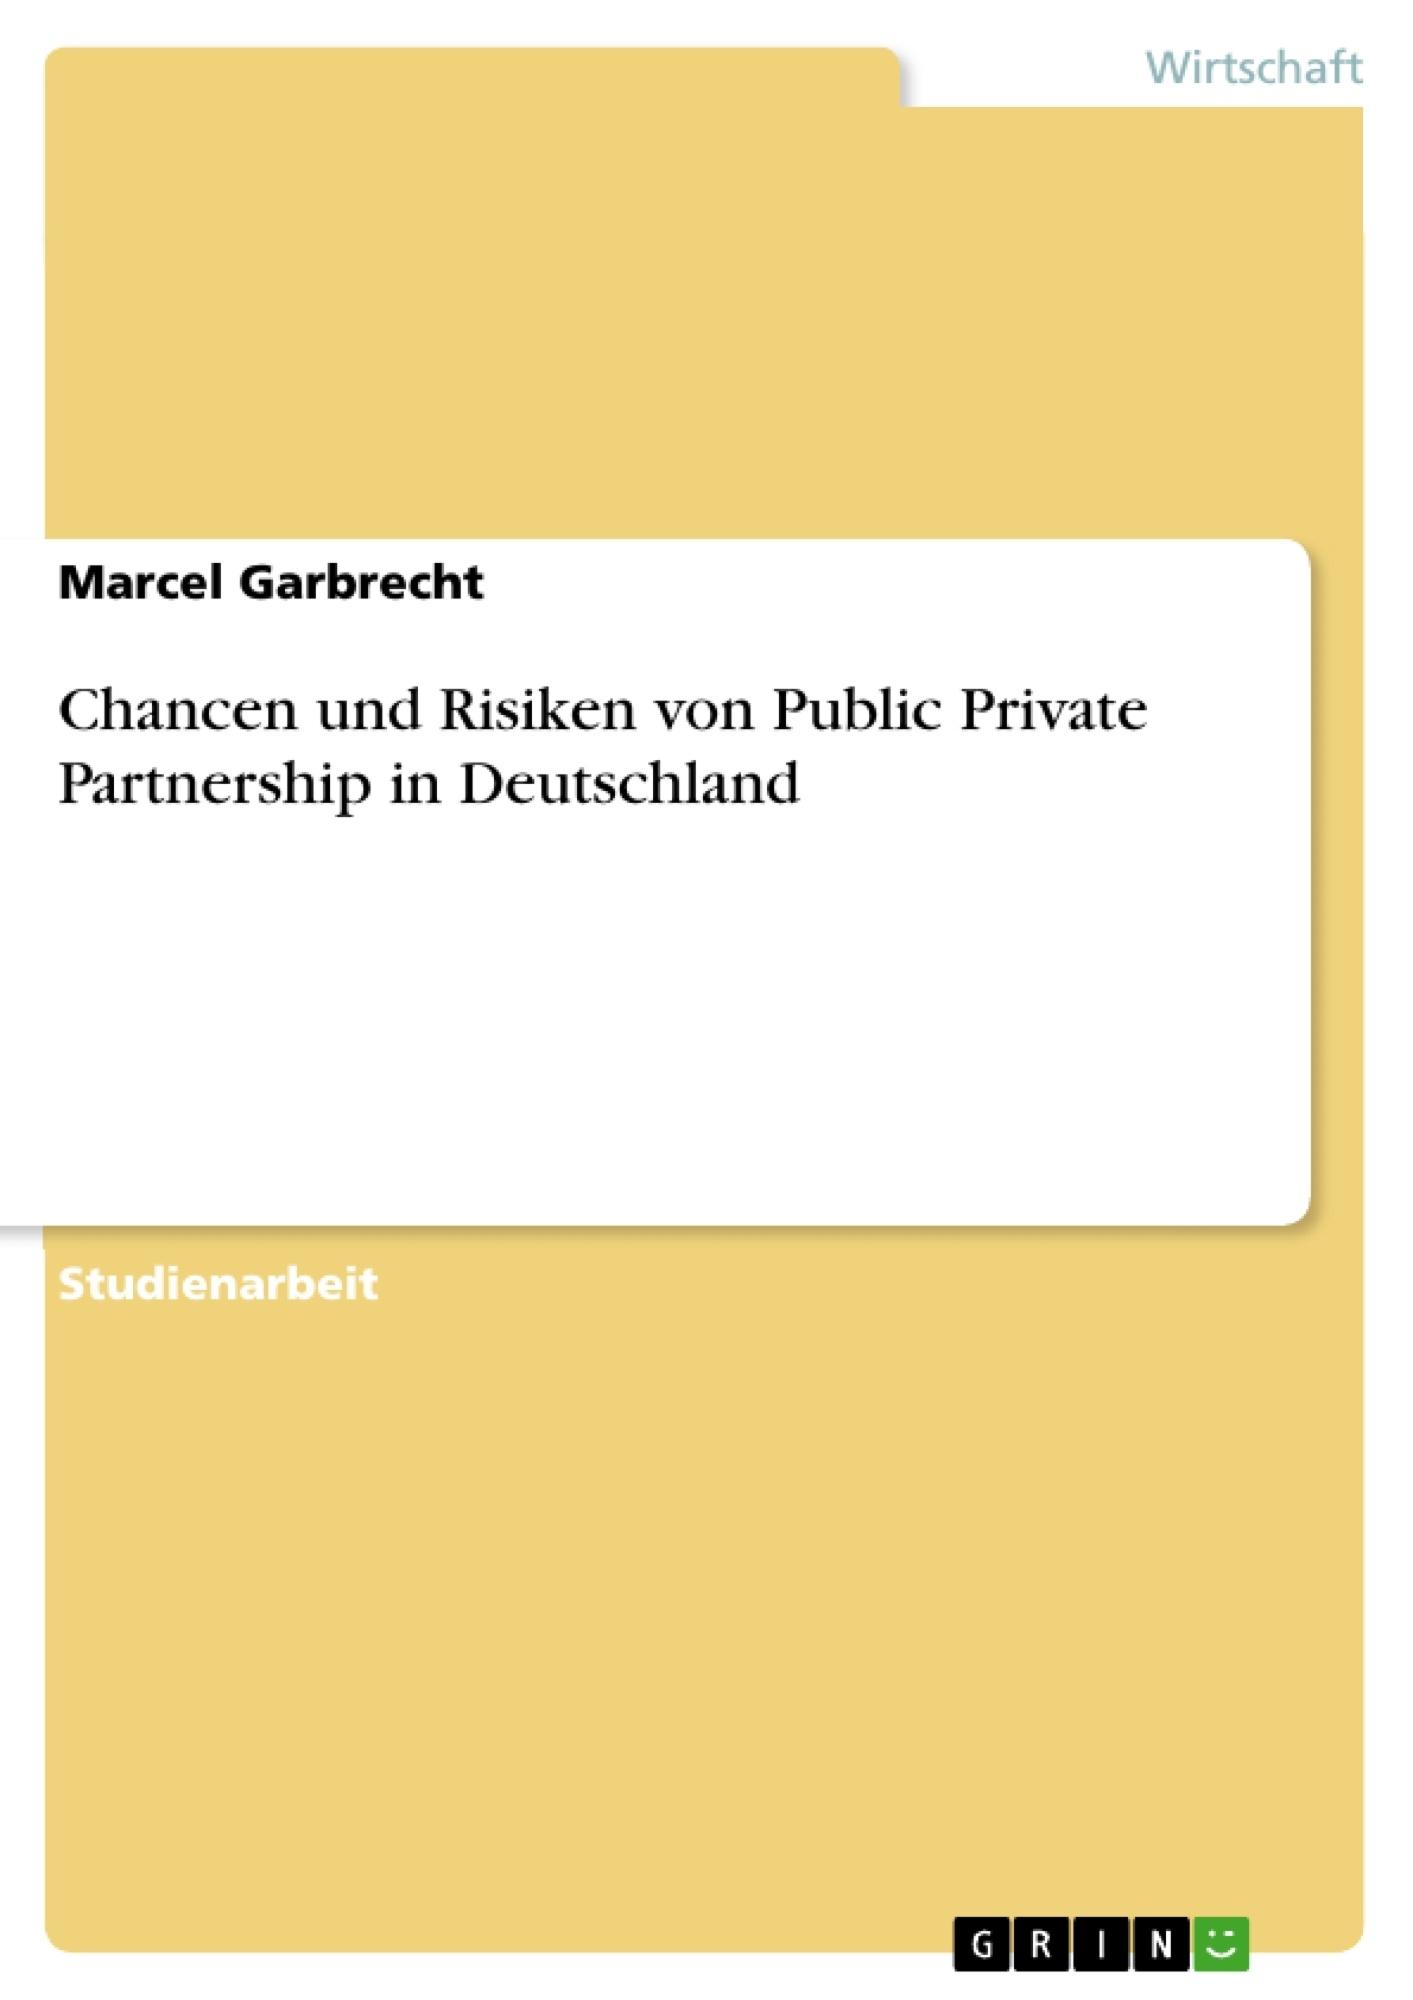 Titel: Chancen und Risiken von Public Private Partnership in Deutschland